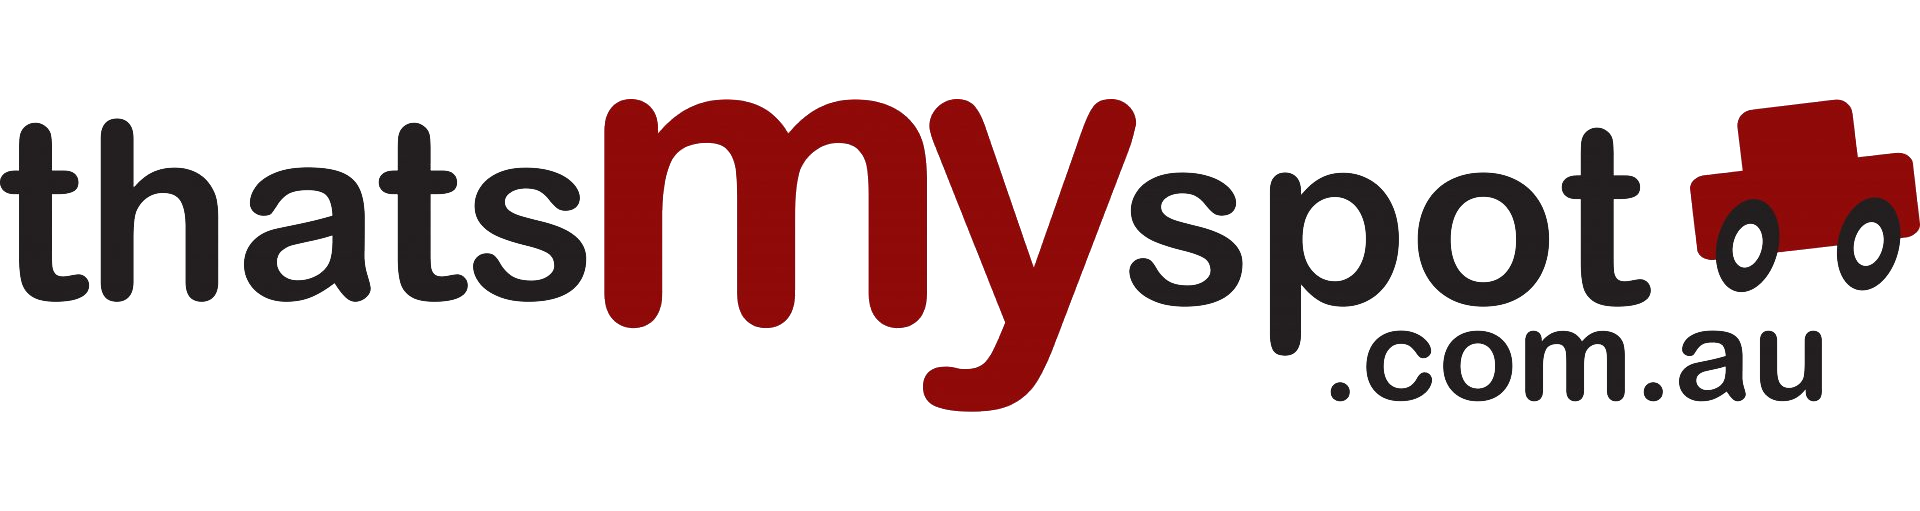 thatsmyspot.com.au